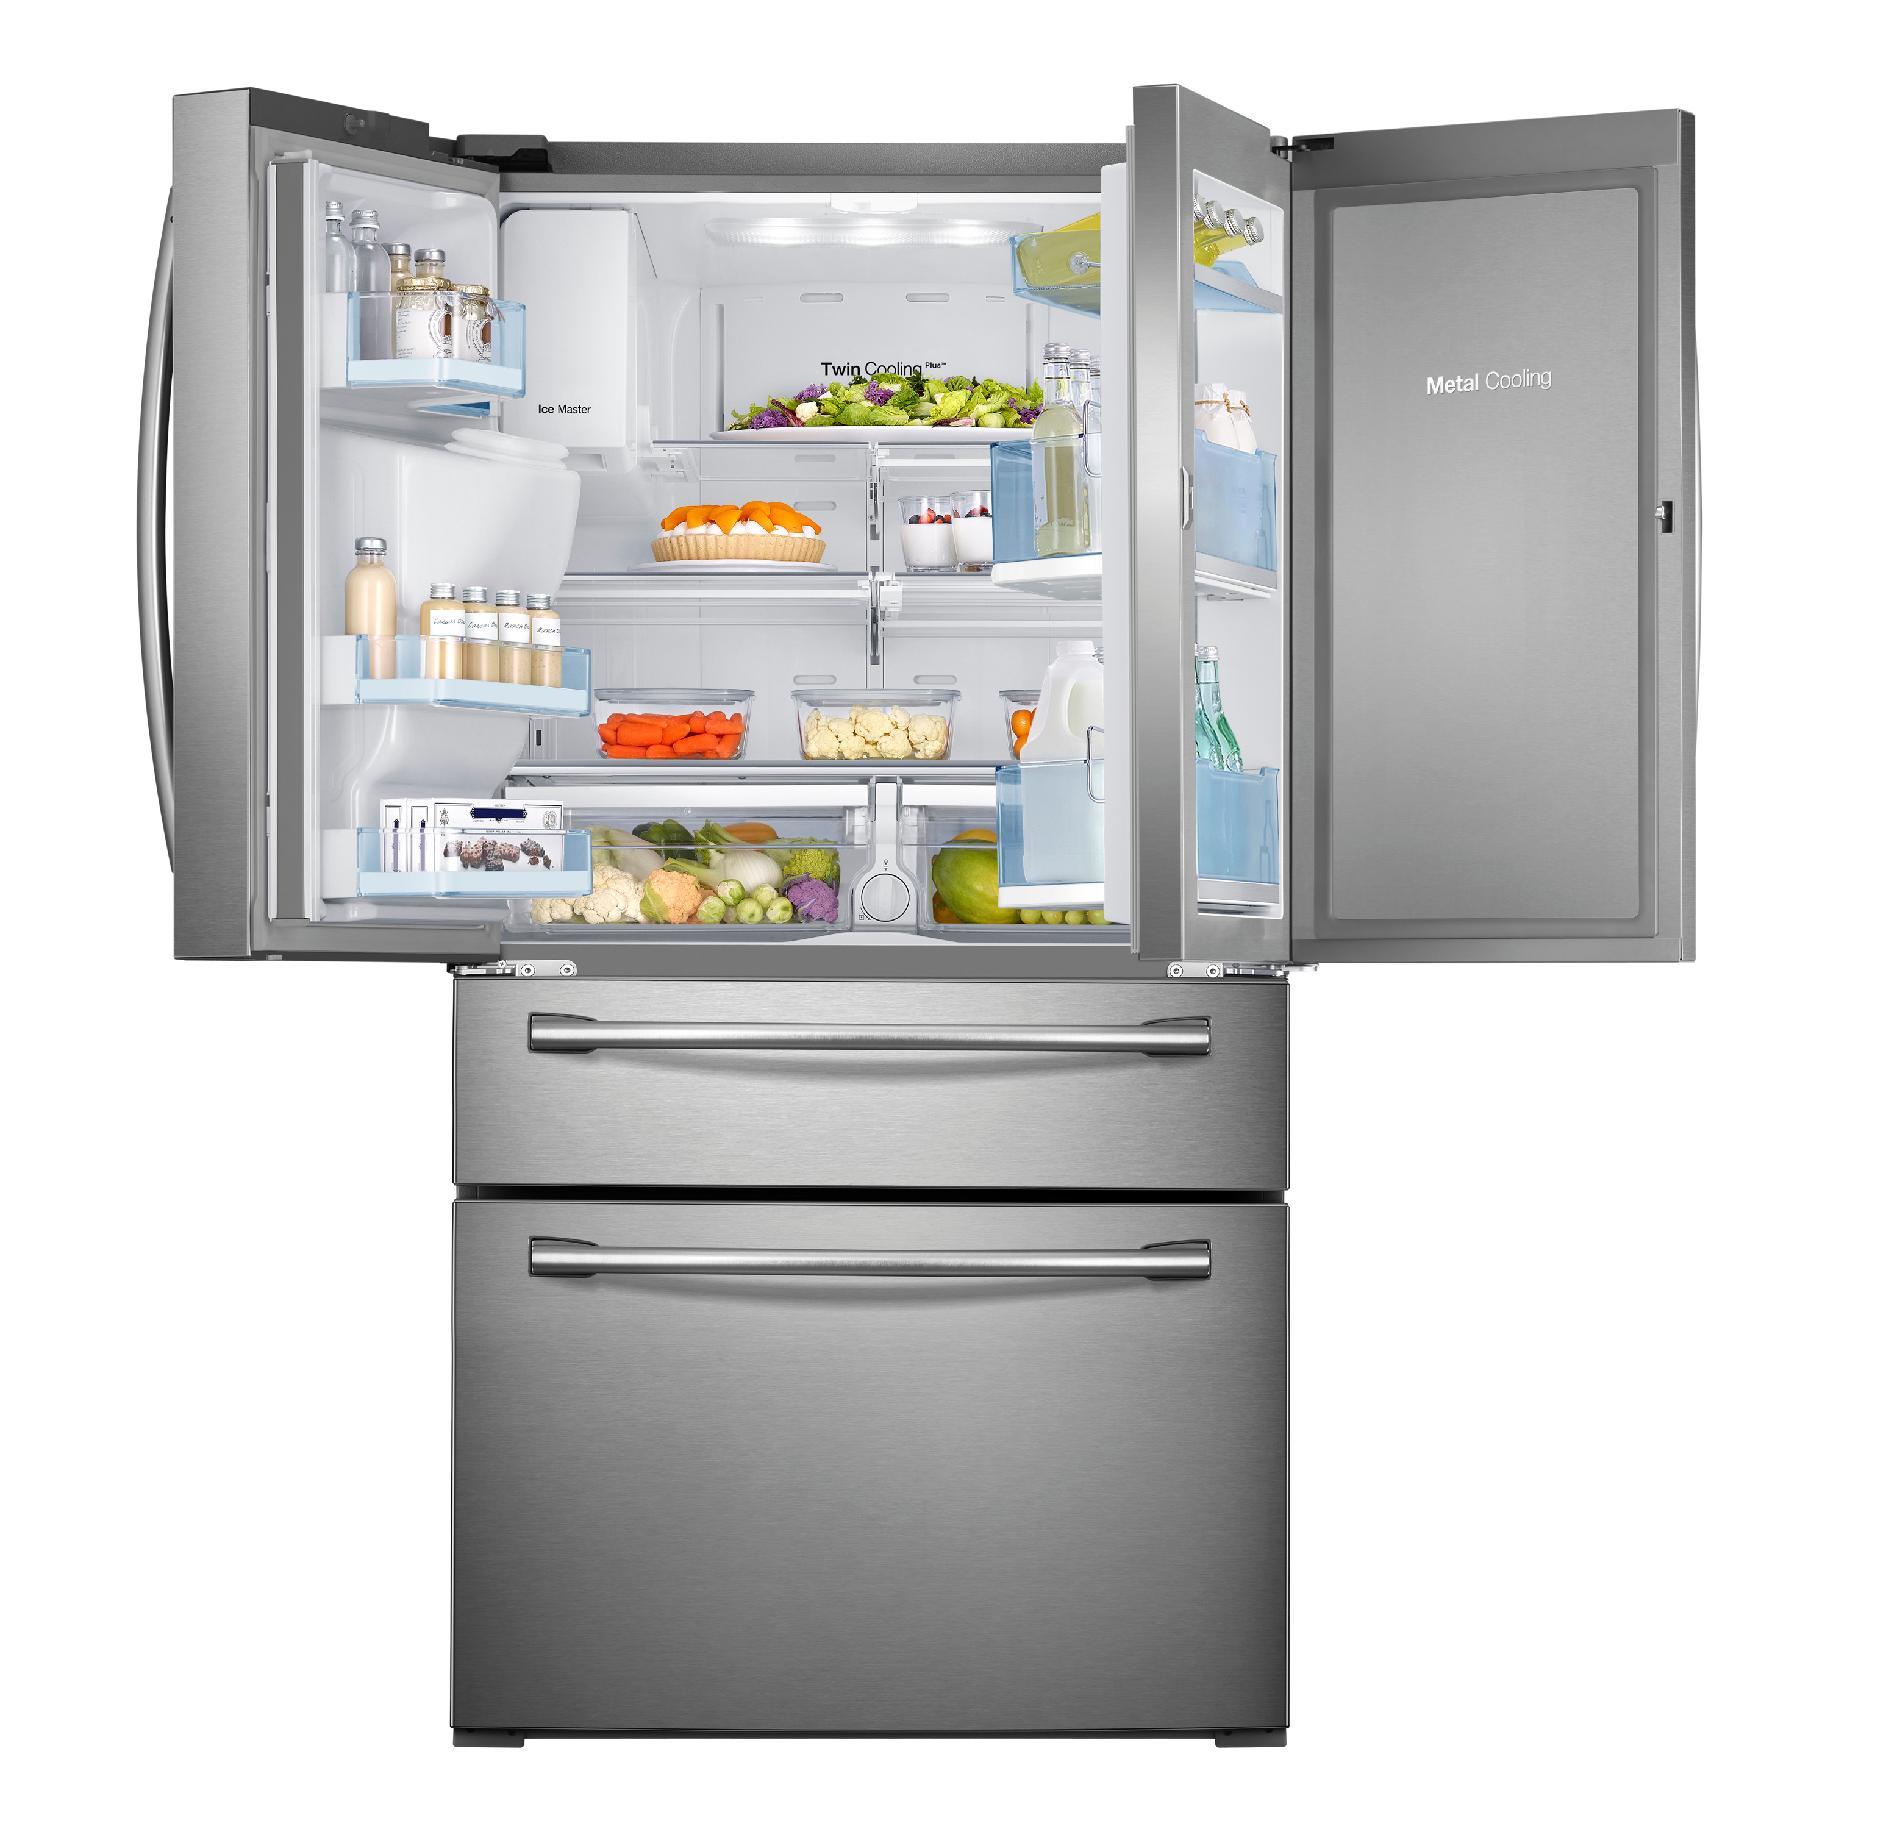 Samsung 30 cu. ft. 4-Door French Door Food ShowCase Refrigerator - Stainless Steel